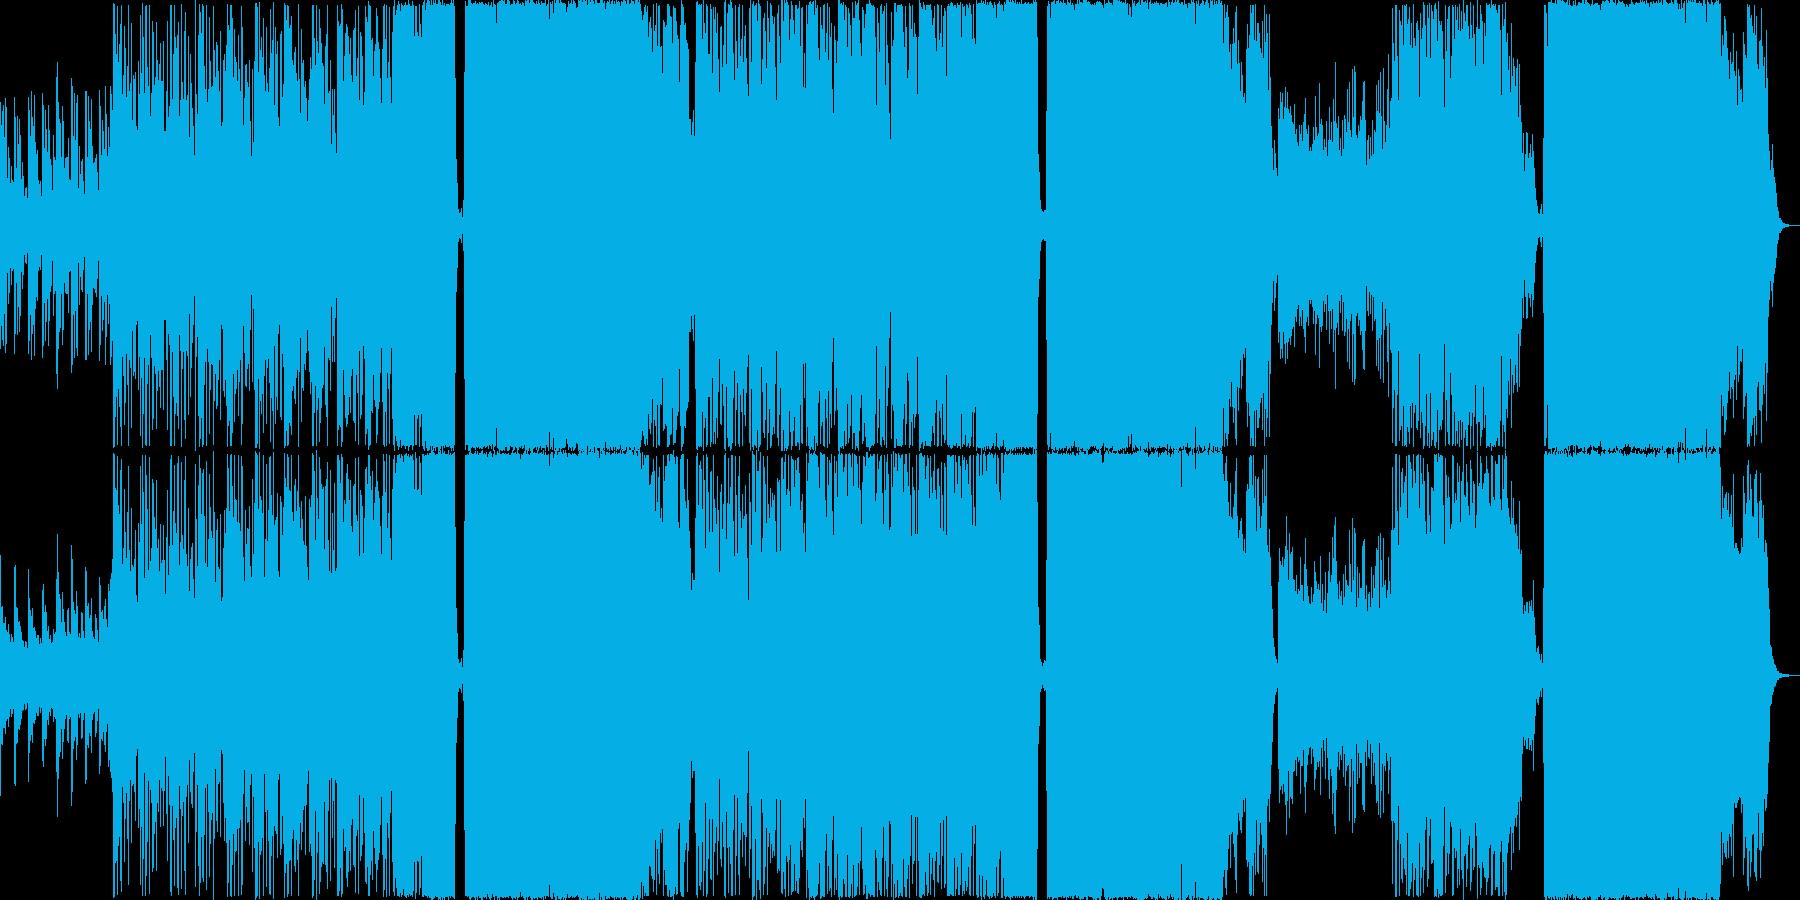 エレクトロサウンド+バンドの歌ものの再生済みの波形